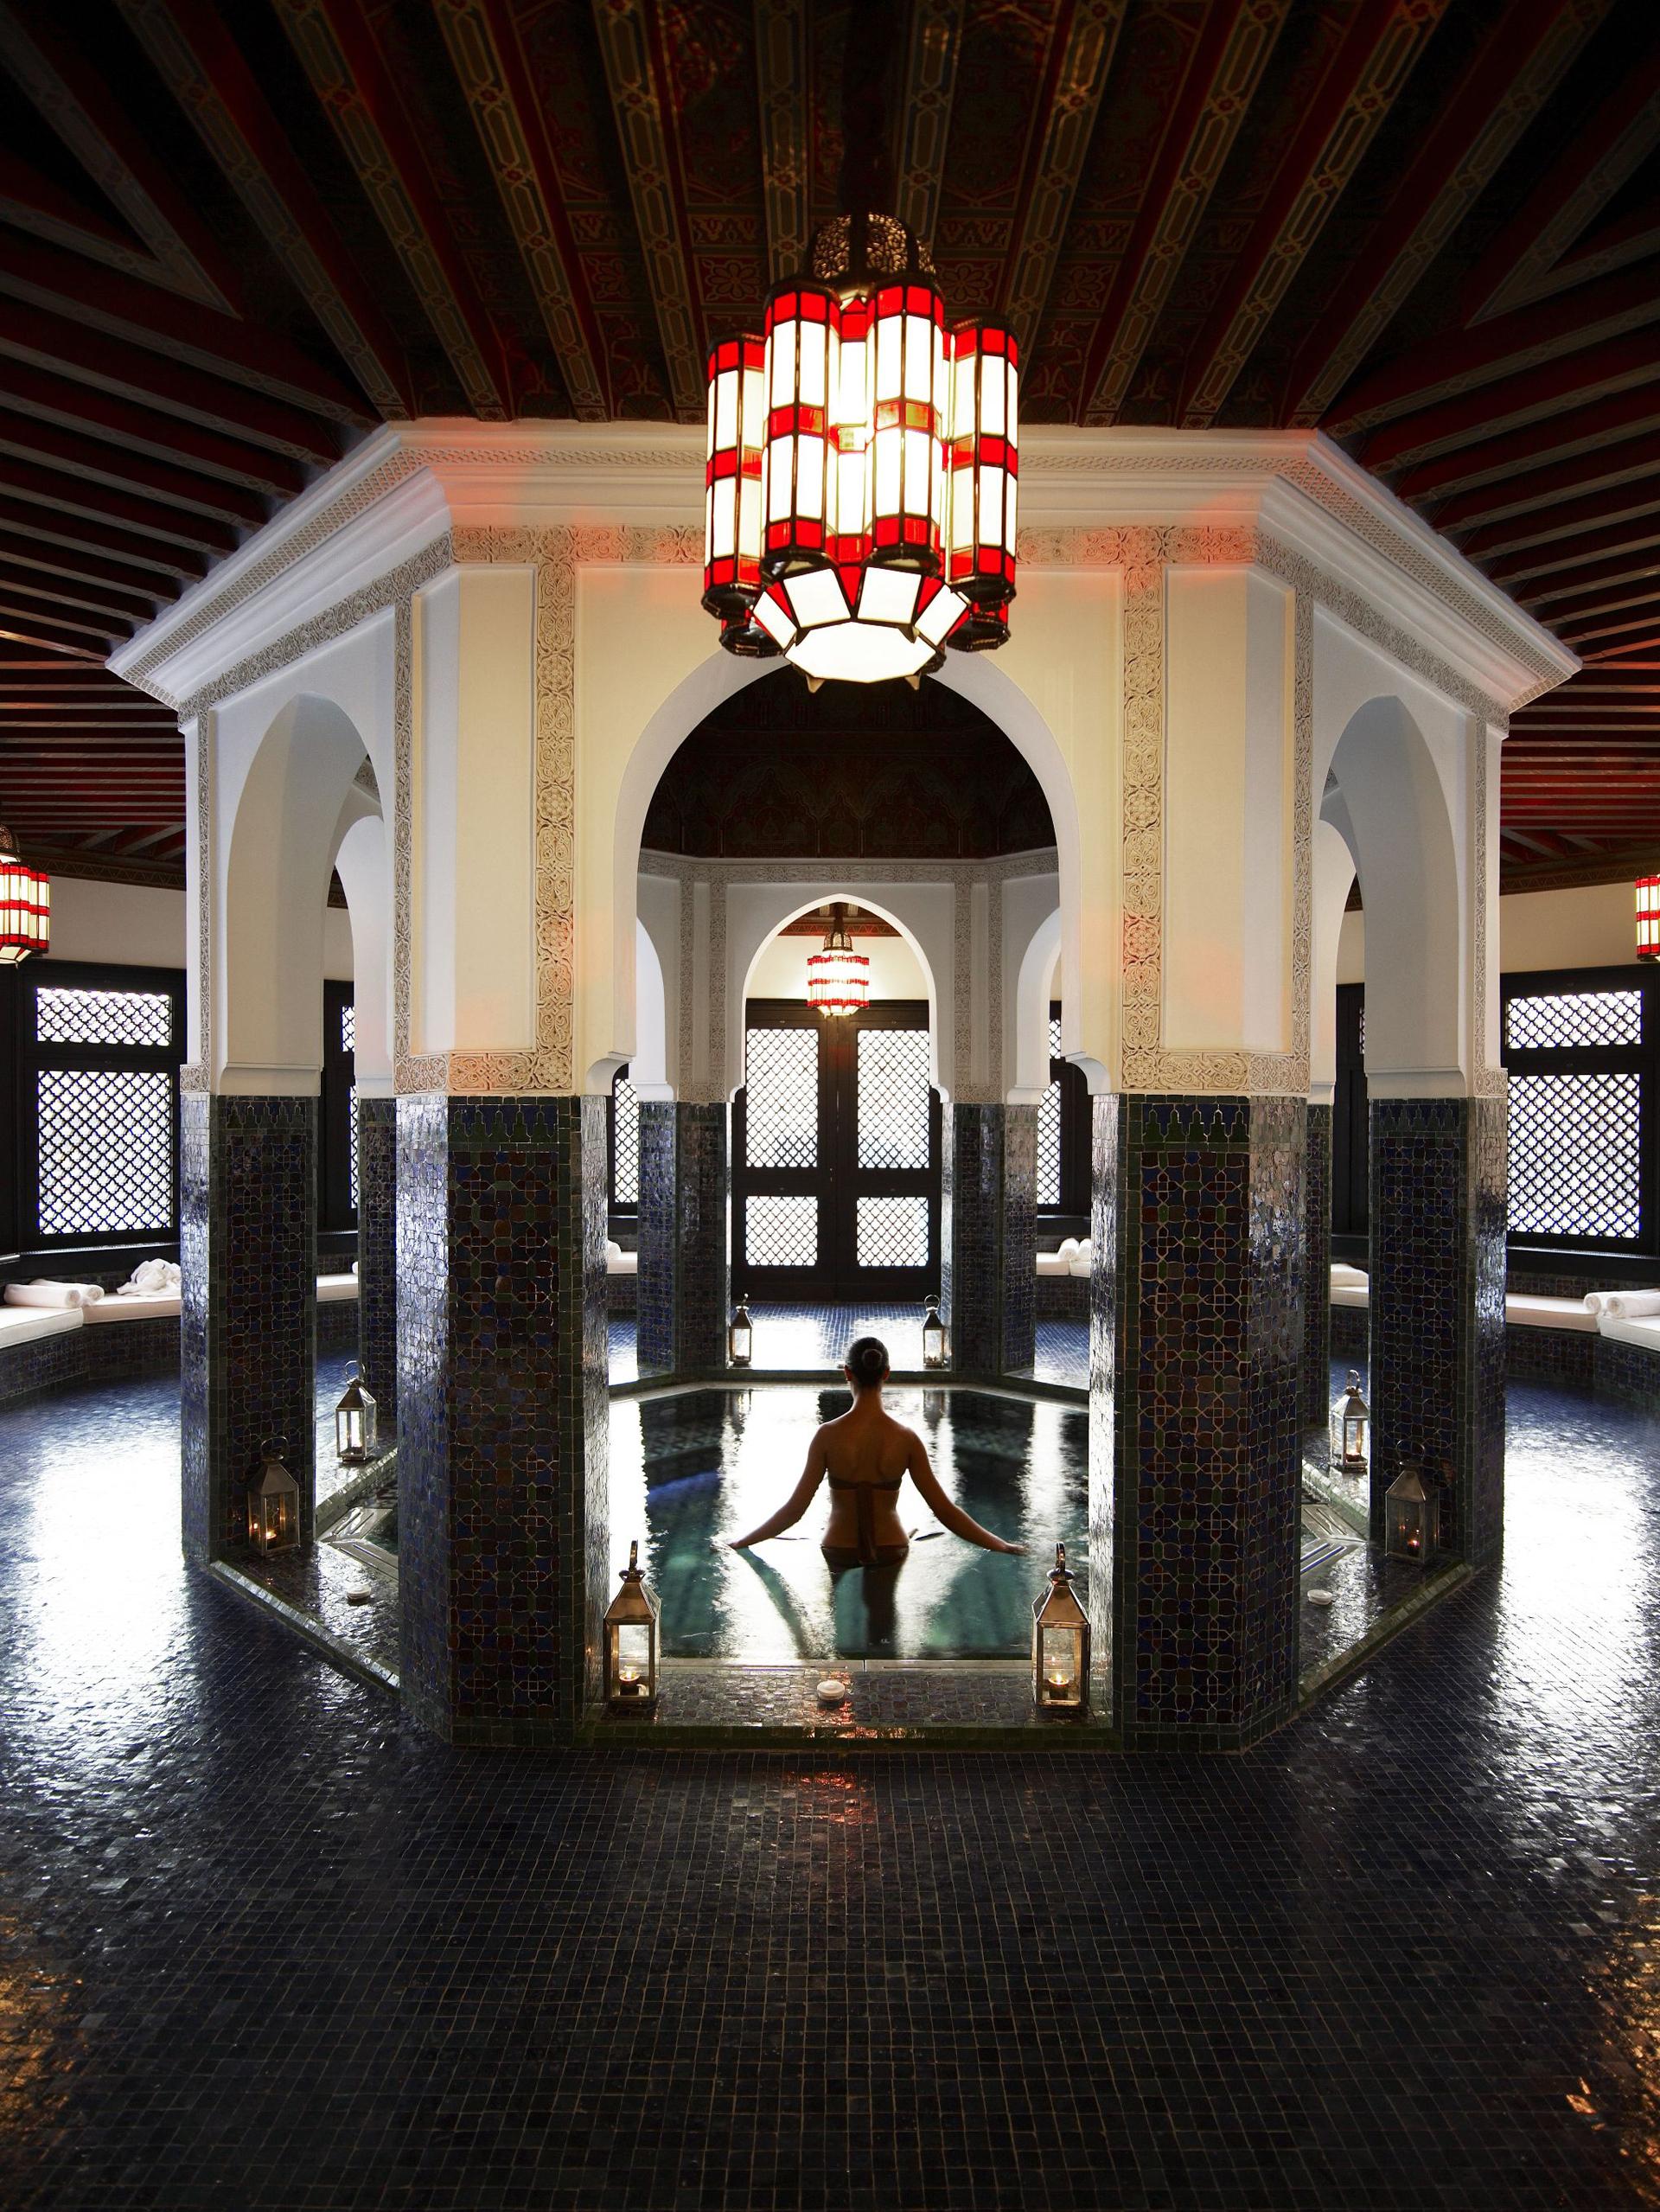 No pueden faltar las decoraciones marroquíes con faroles y los jacuzzi rodeados de columnas(Fine Hotels Spa & Resort of The World)